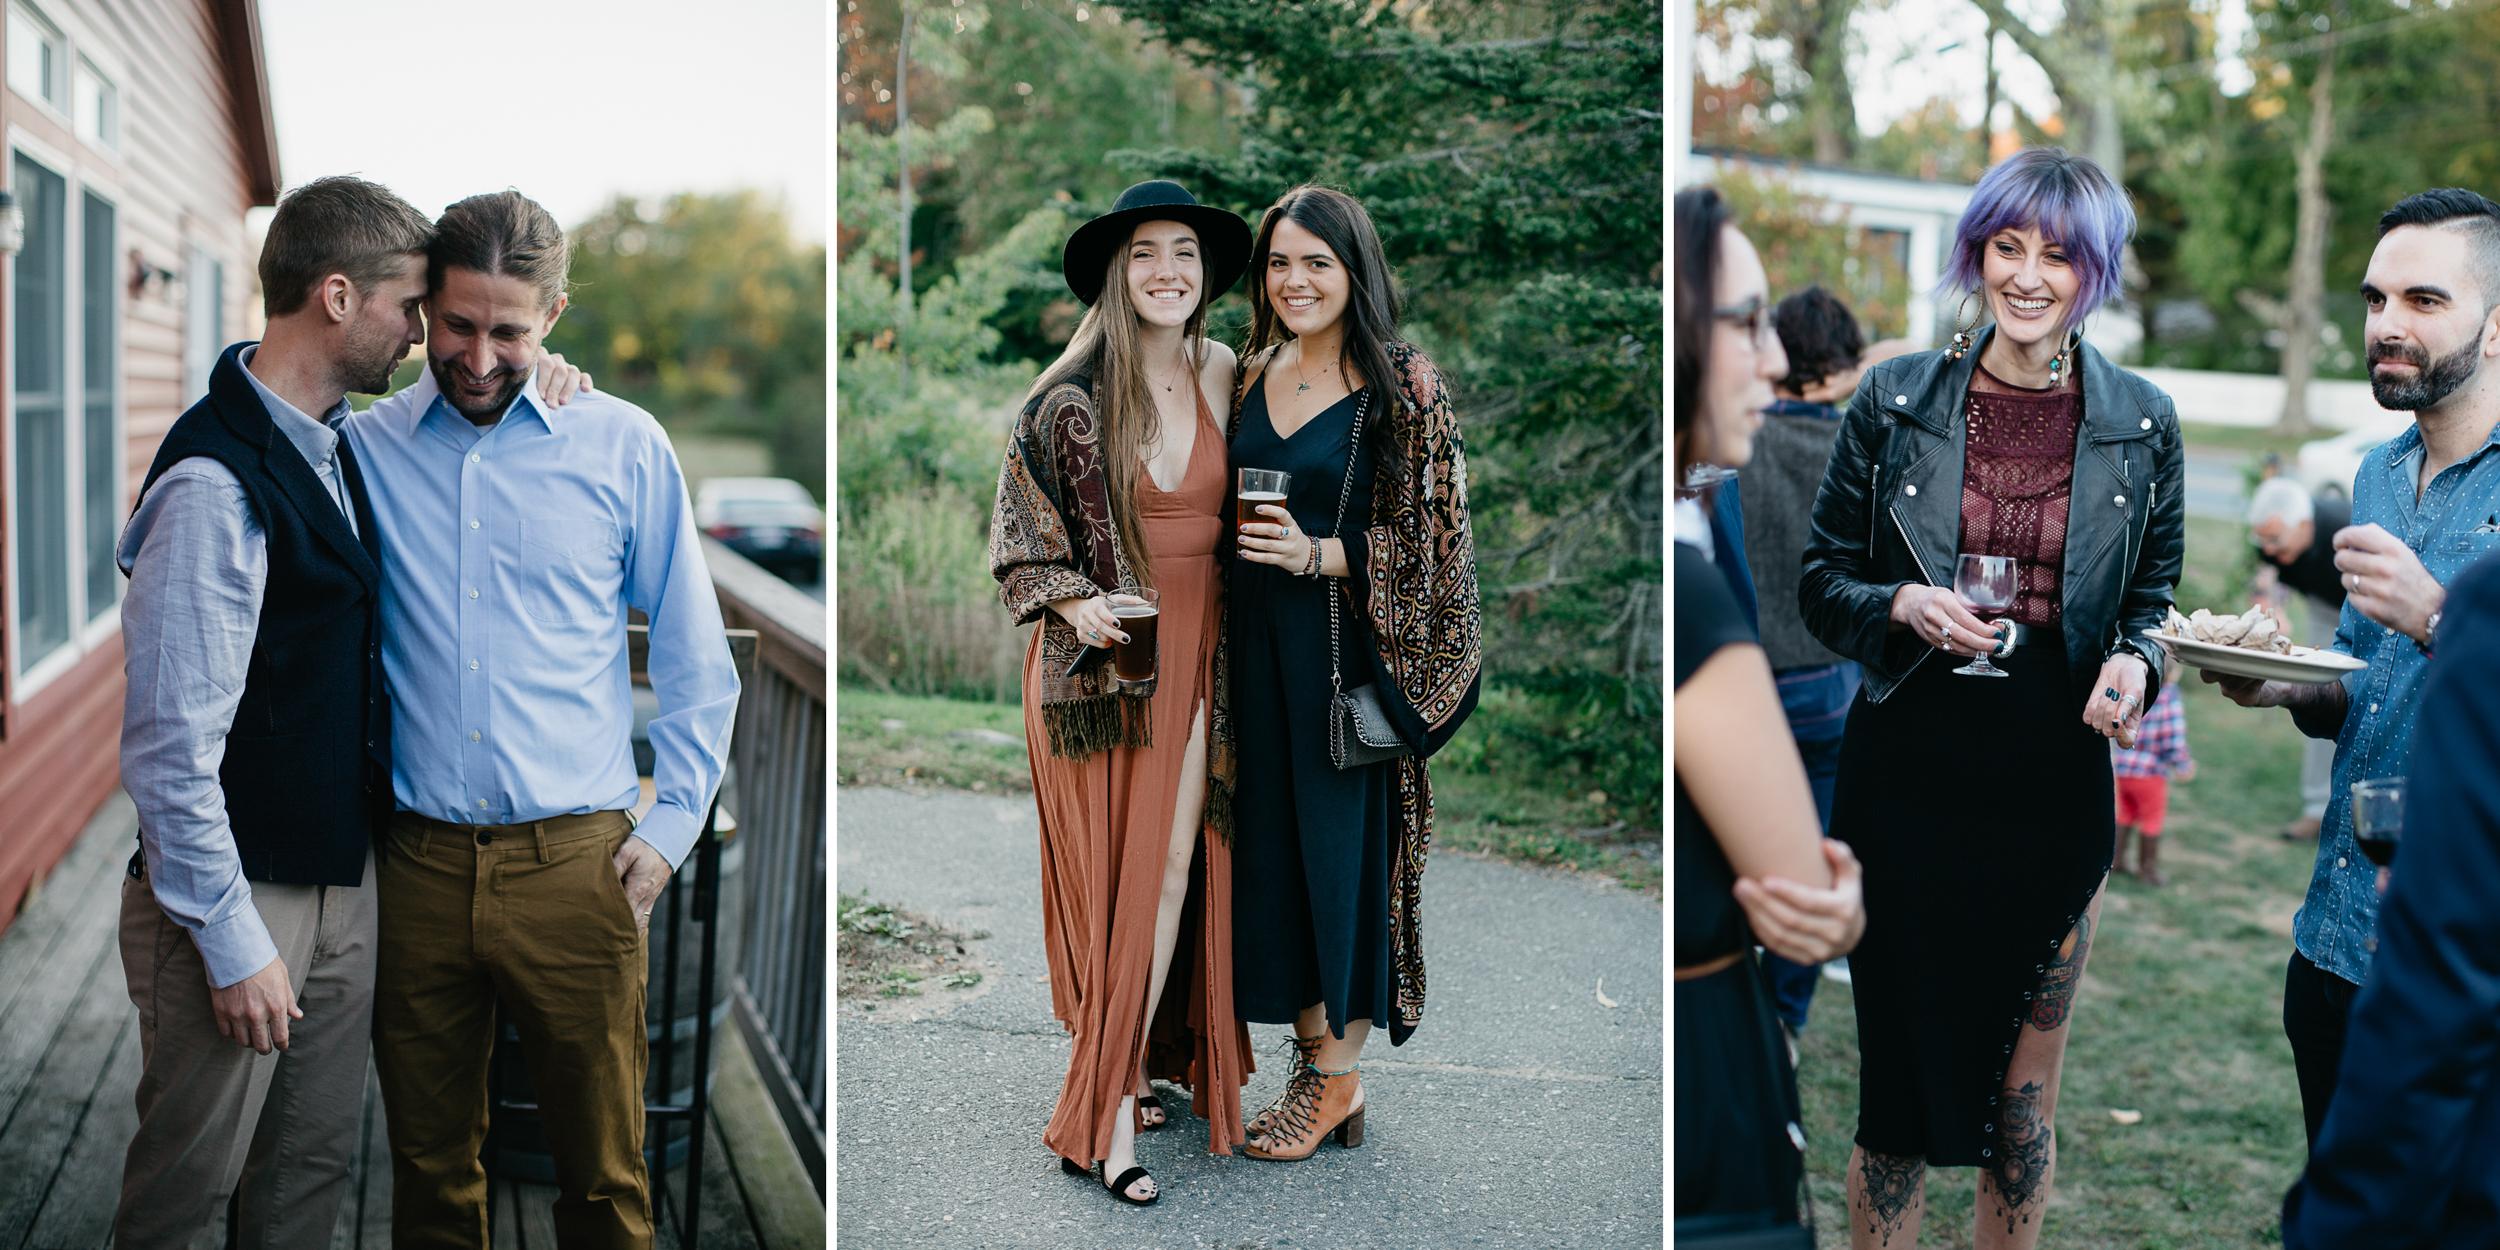 Mackenzie_Collins_Day_Two_Flatbread_Company_rockport_Maine_wedding_009.jpg